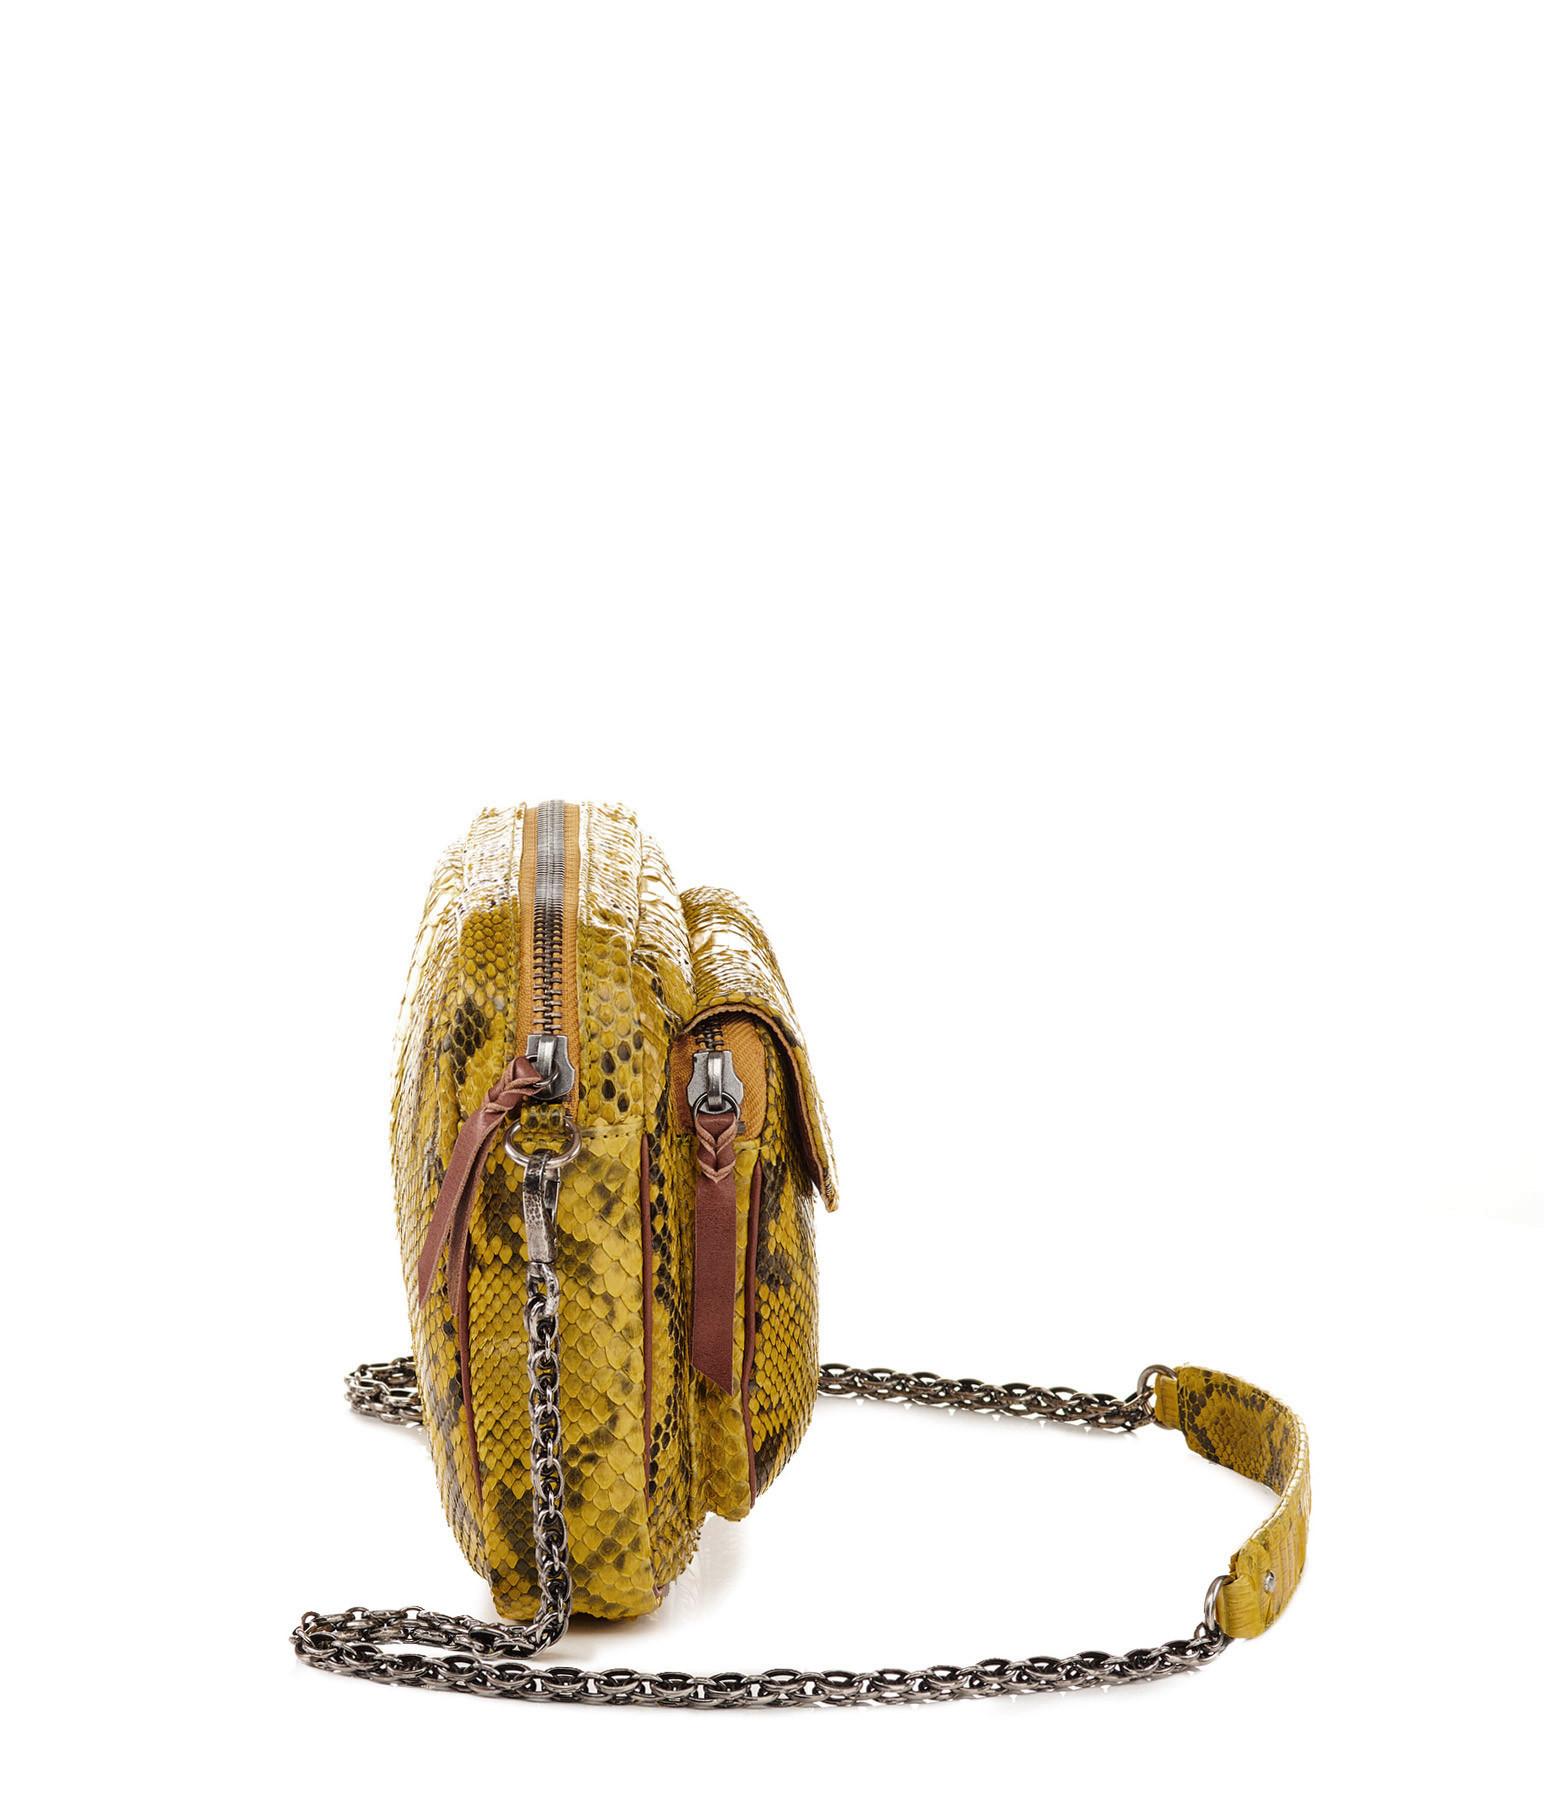 CLARIS VIROT - Sac Big Charly Python Jaune